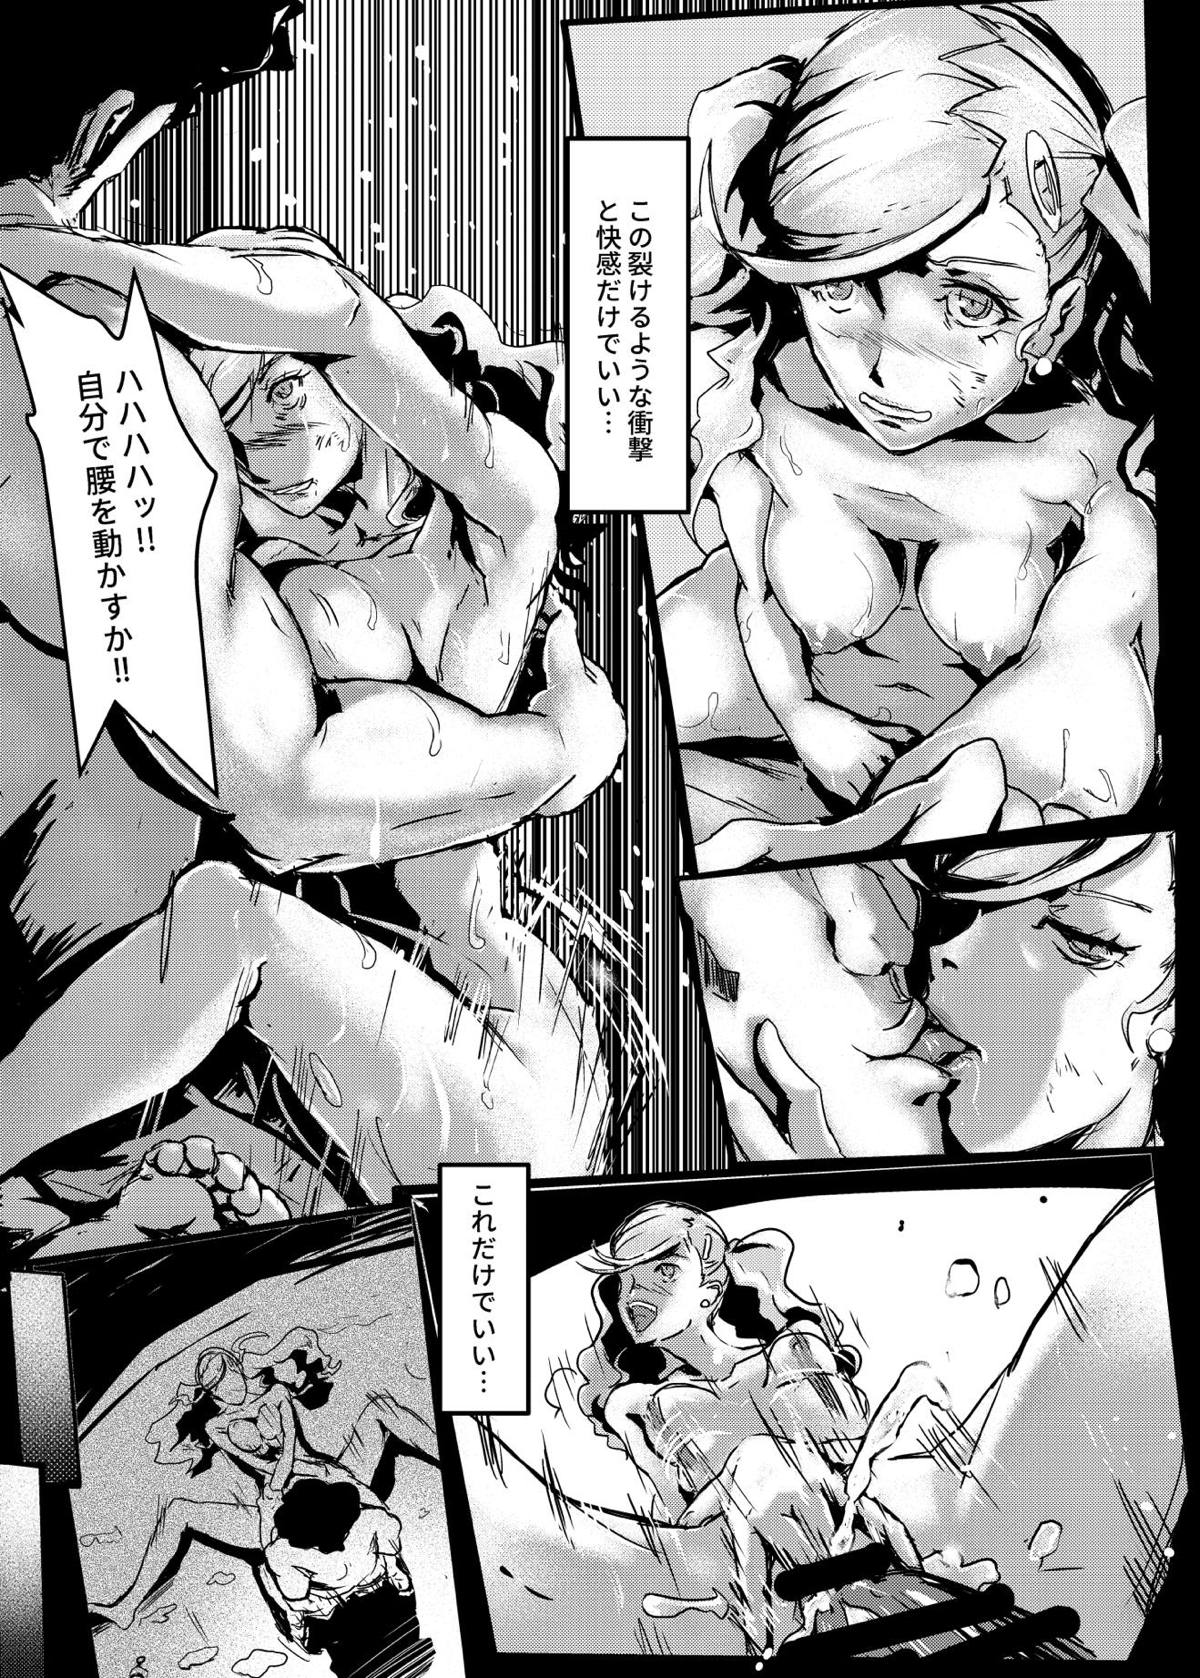 【エロ漫画】立場の分かってない生意気〇学生が先生チンポで完全撃墜!かつての仲間にも犯され続け・・・